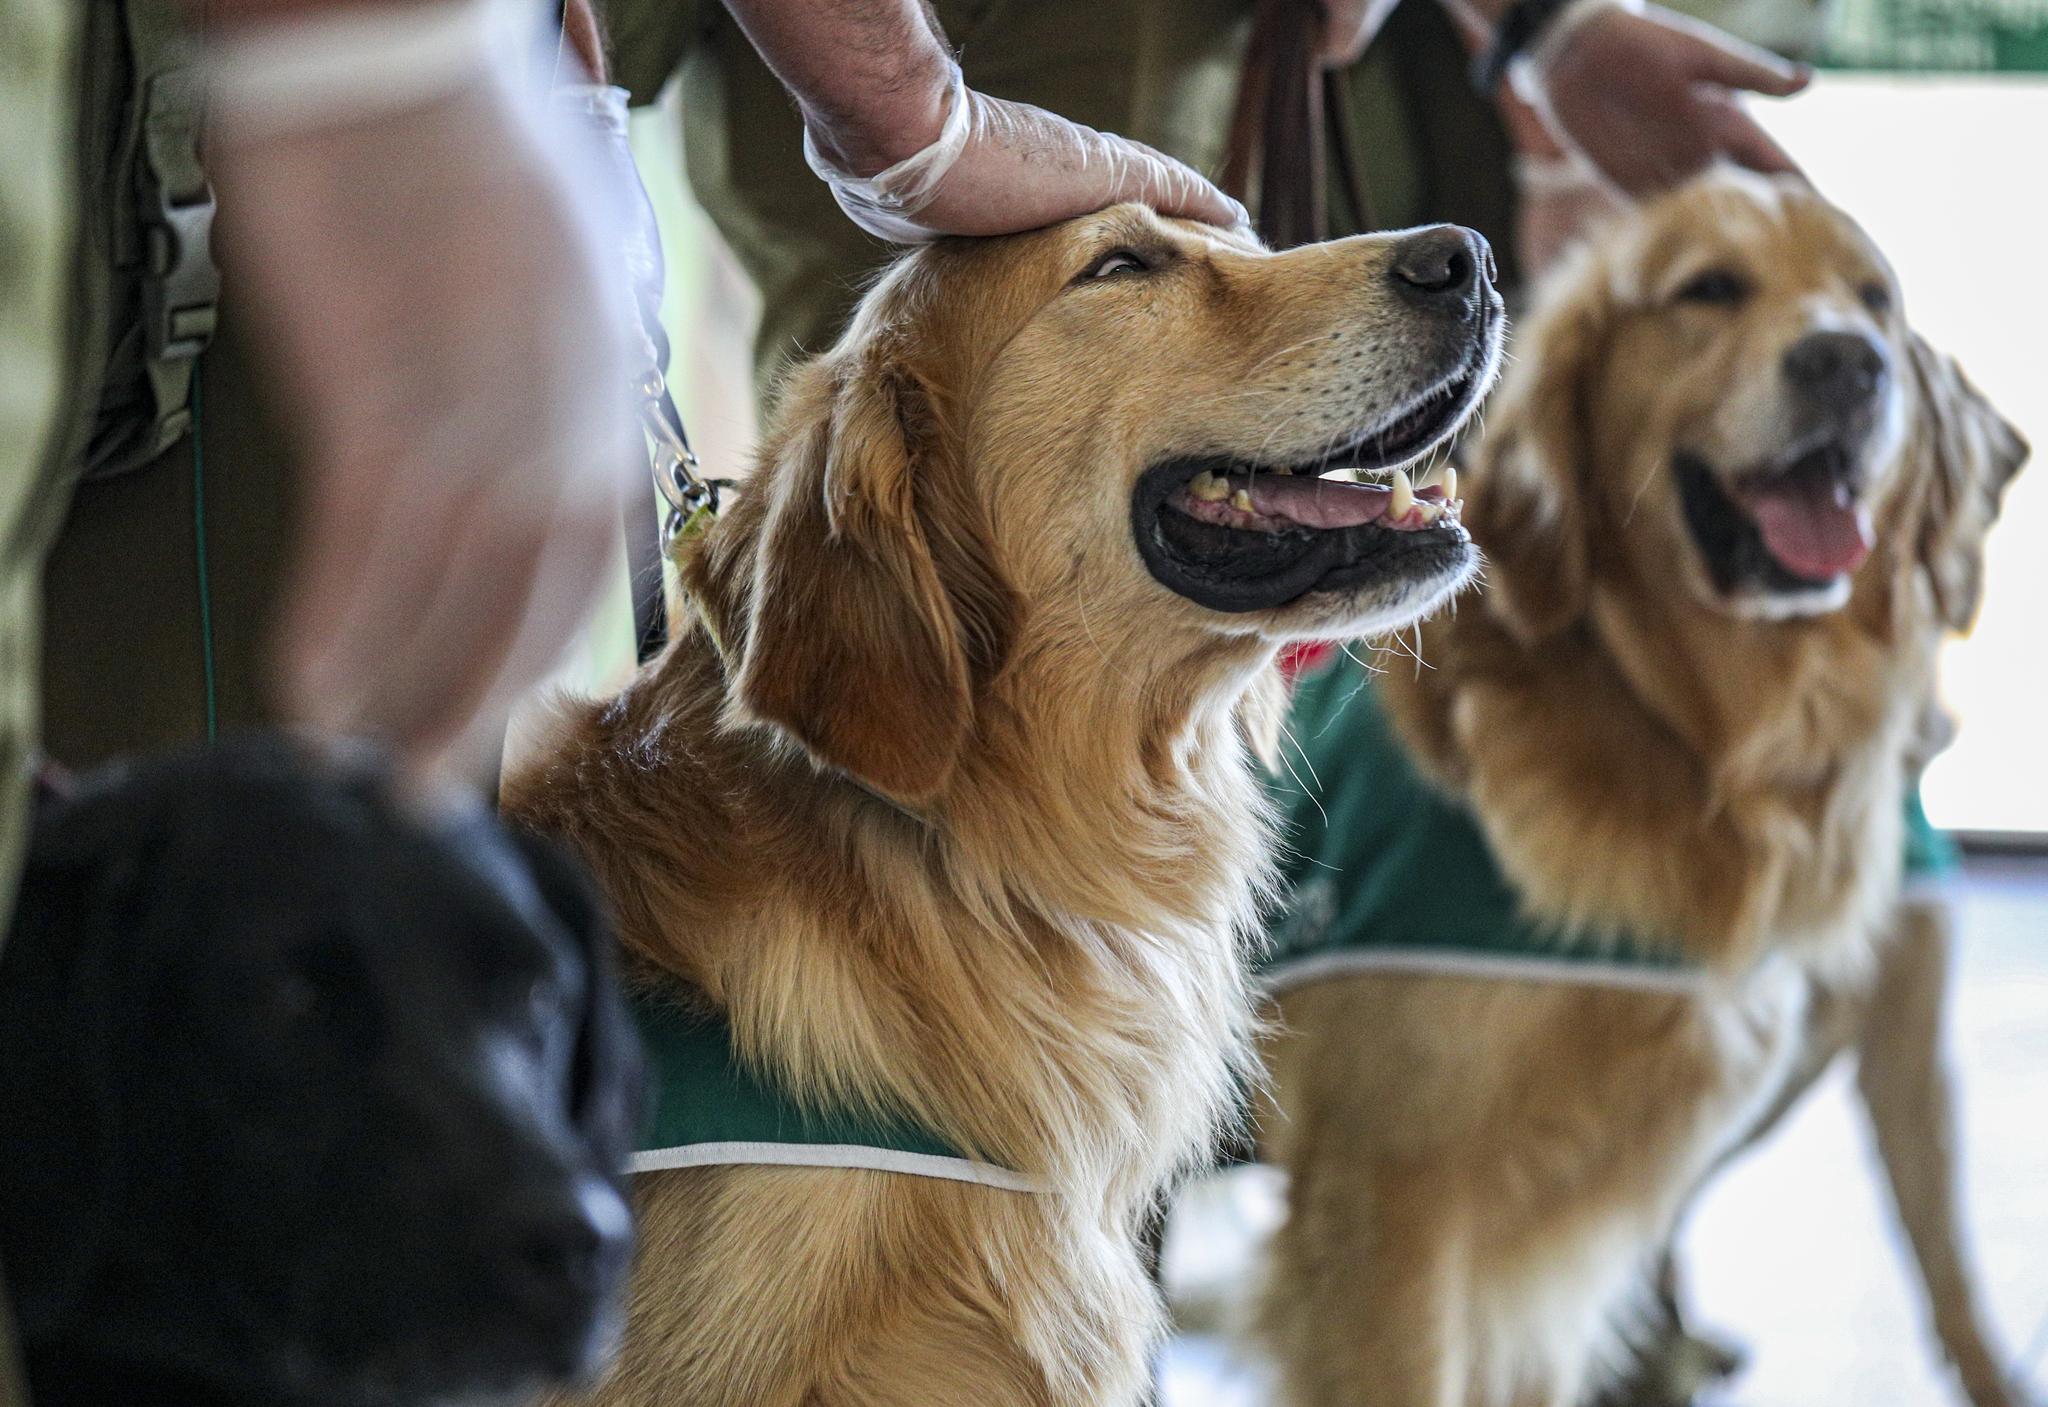 칠레 경찰 조련사들이 21일(현지시간) 수도 산티아고 국제공항에서 코로나 탐지견들을 언론에 공개한 뒤 머리를 쓰다듬고 있다. 칠레 내무부에 따르면 개들은 22일부터 임무에 투입된다. AP=연합뉴스